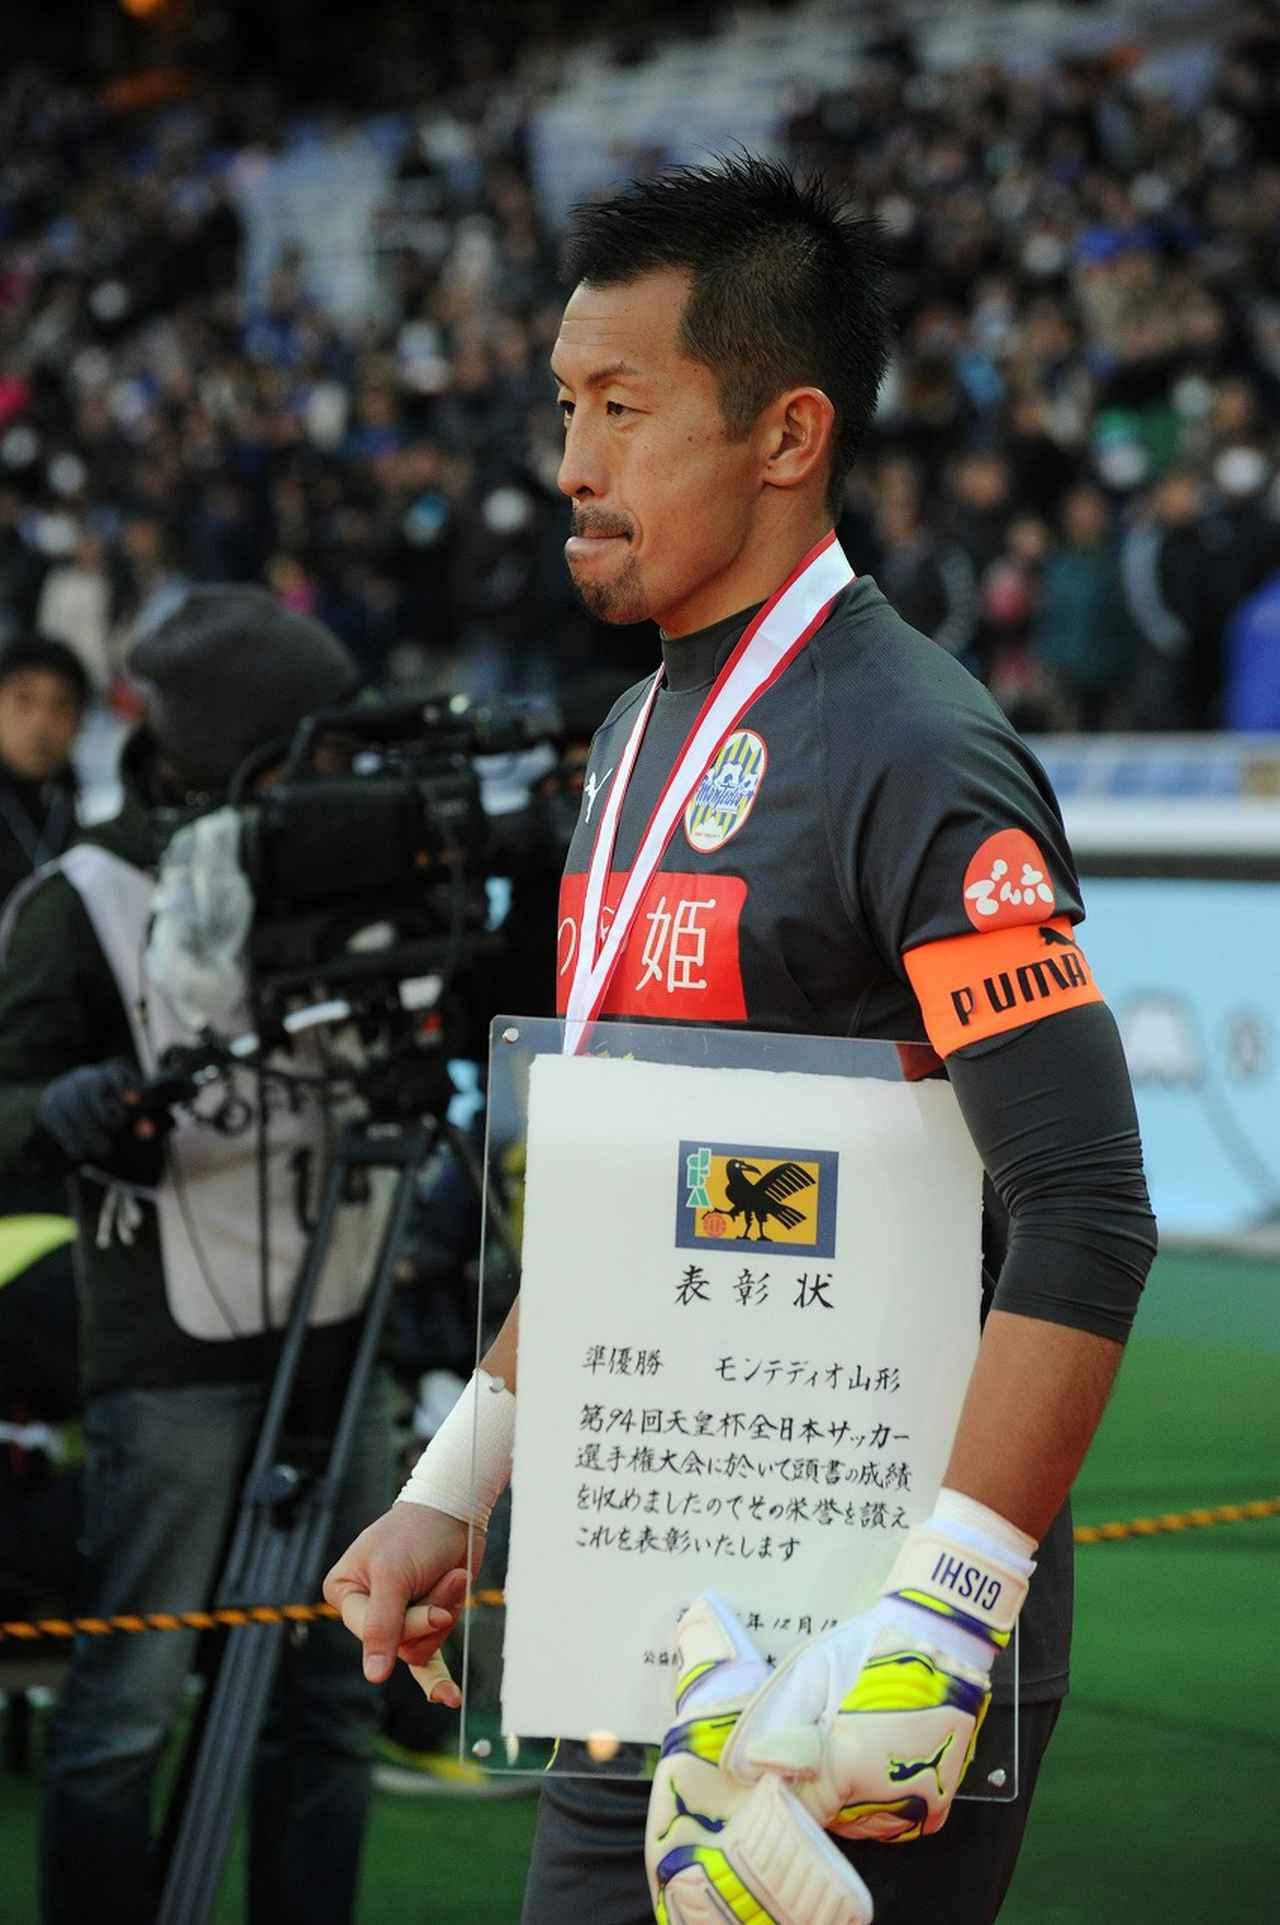 Images : 3番目の画像 - 4年前の2014年シーズン、山形は天皇杯決勝に進むも、G大阪に敗れ準優勝に終わった。今季は頂点に立てるか(写真は2014年準優勝時のもの) 写真◎Getty Images - ベースボール・マガジン社WEB